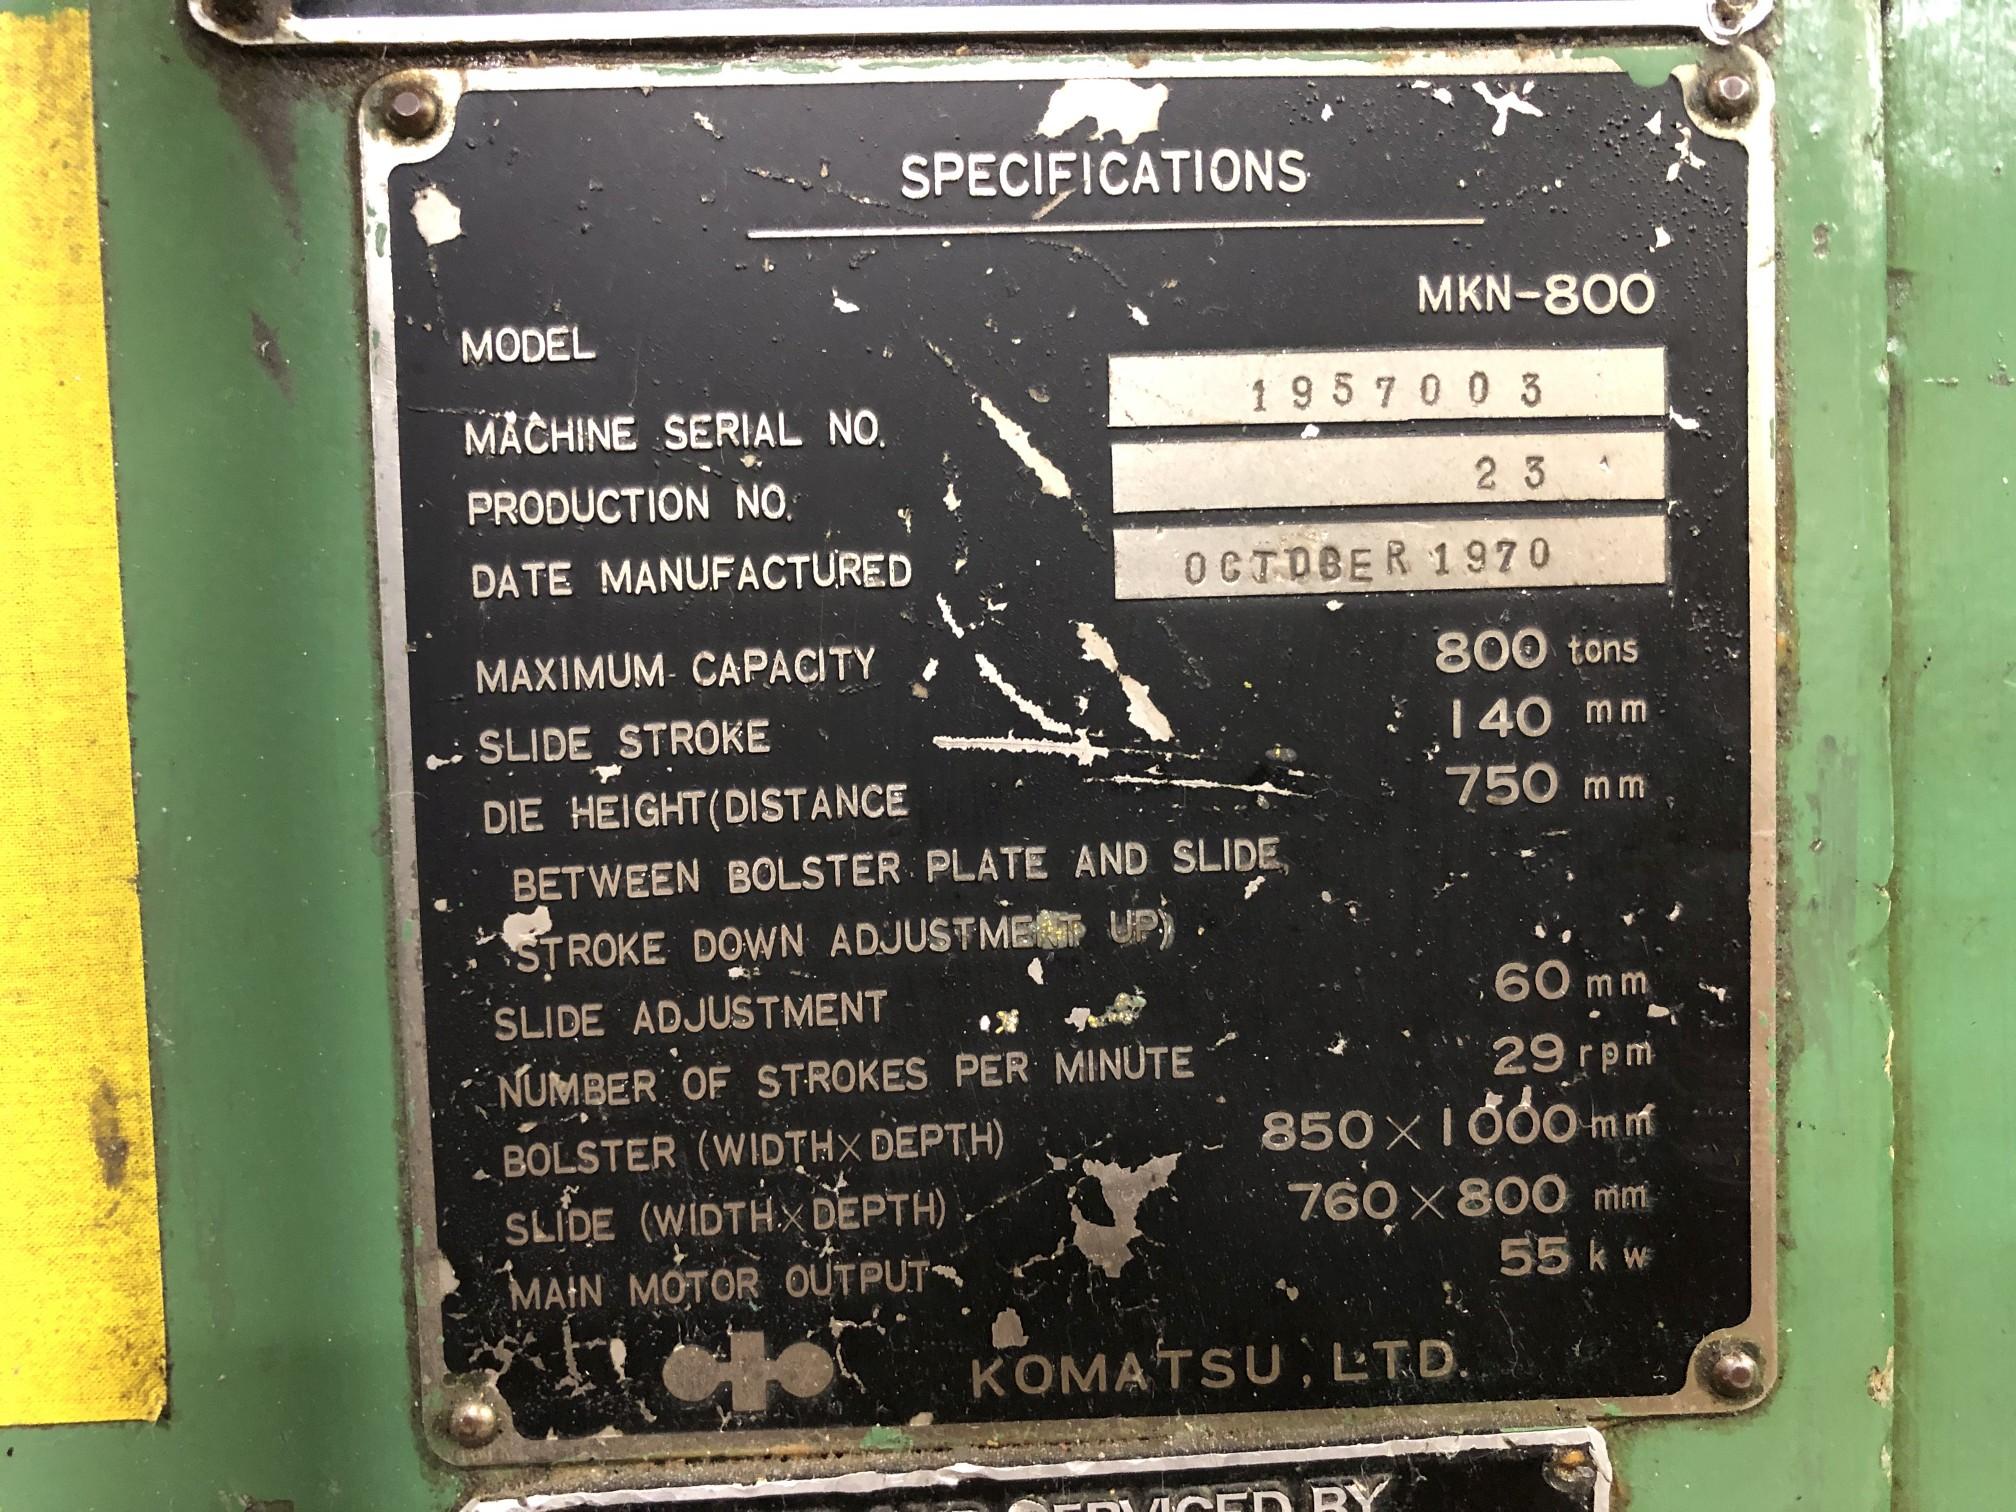 800 Ton Komatsu Maypress Knuckle Joint Press - Image 17 of 18